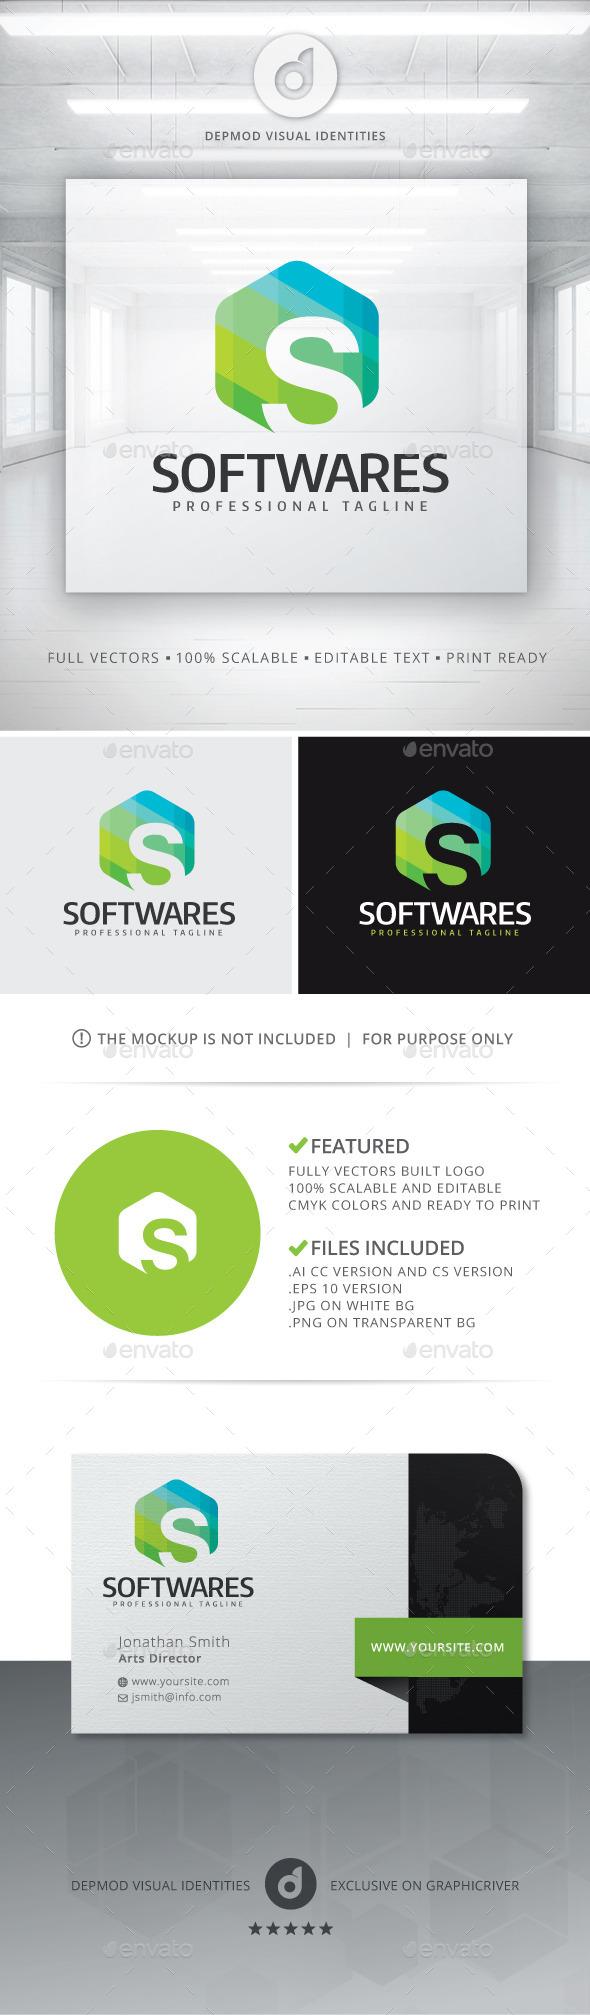 GraphicRiver Softwares Logo 11454120